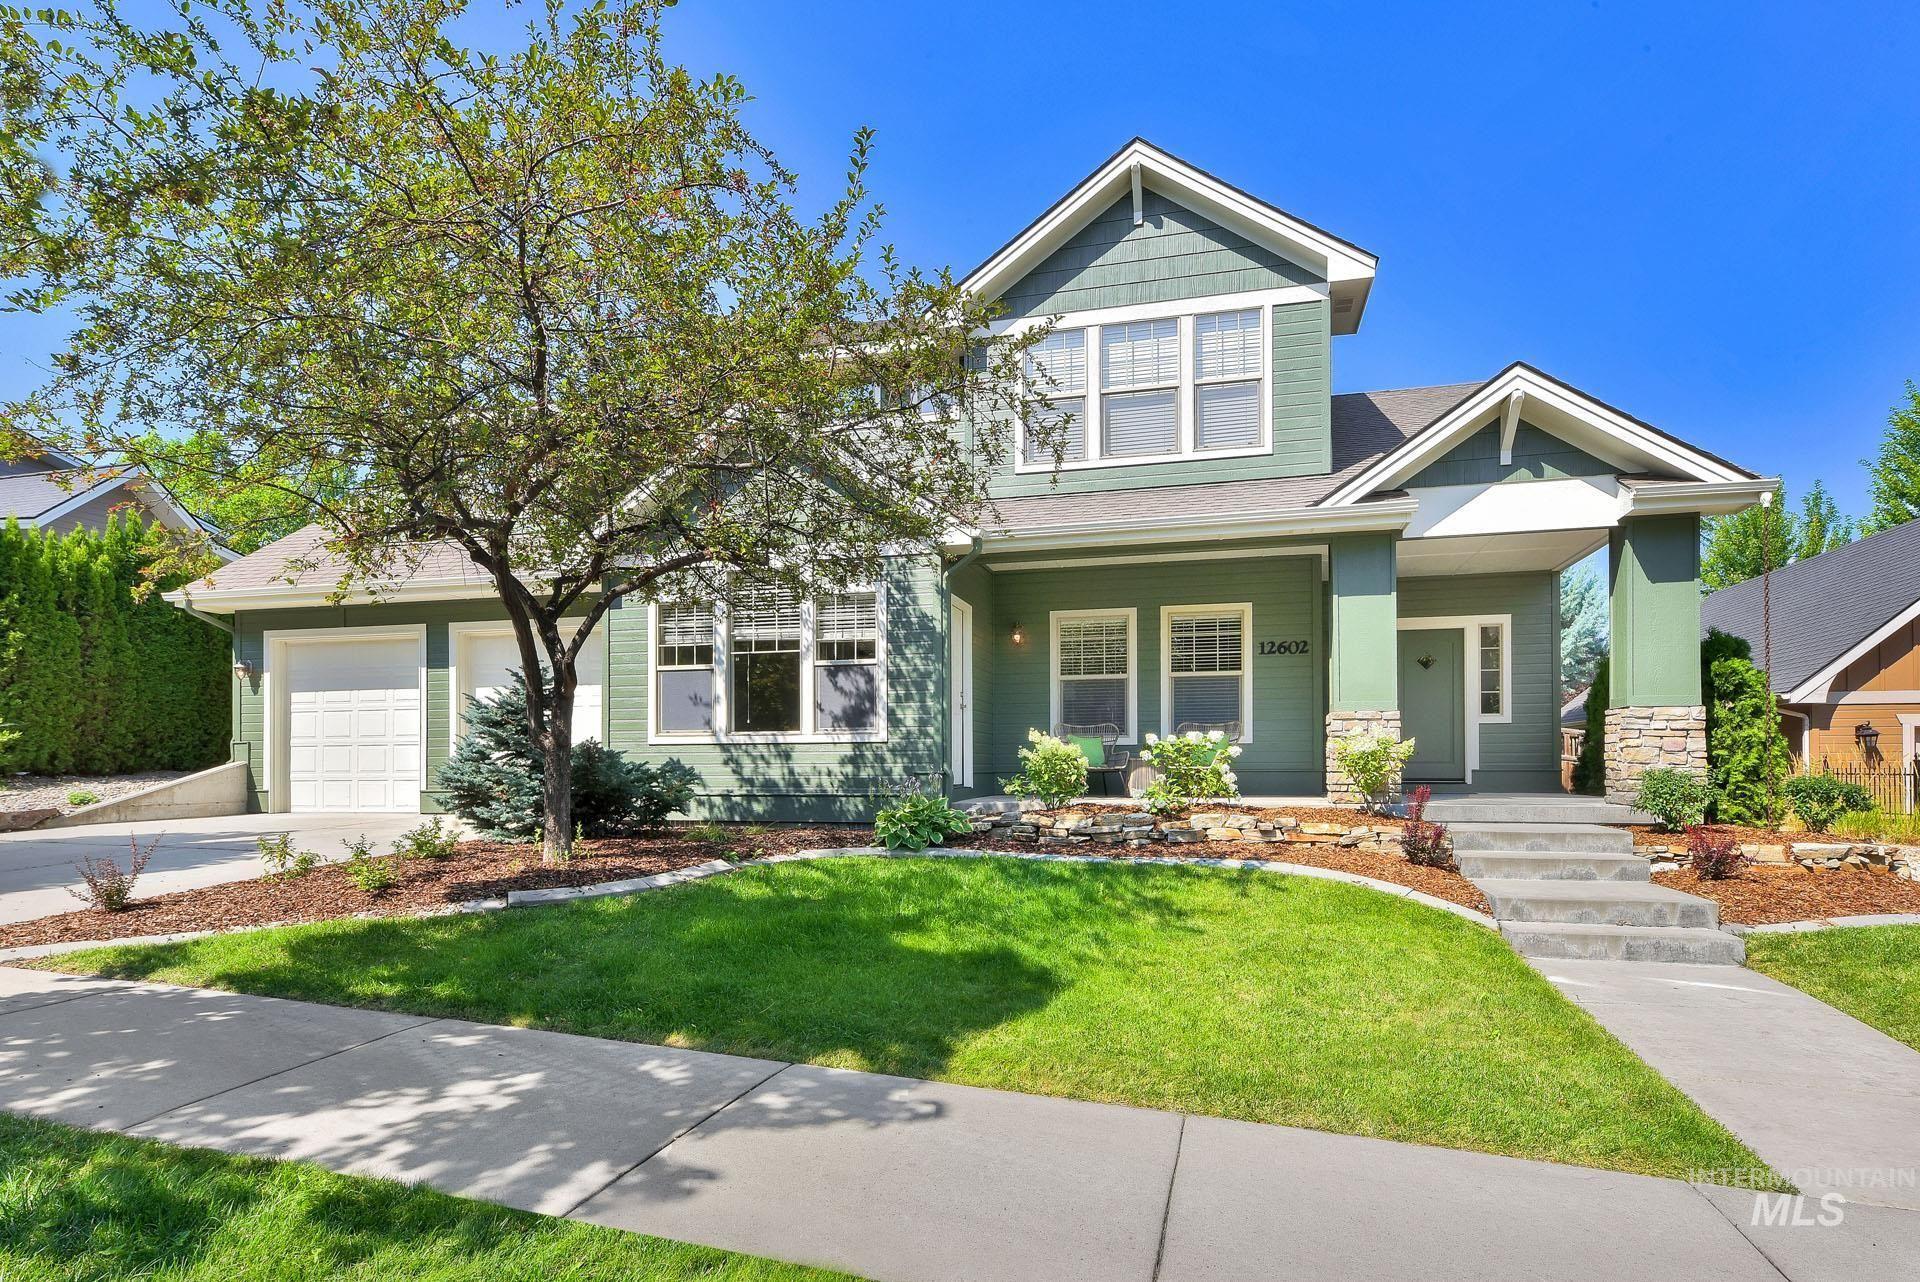 12602 N Schick\'s Ridge, Boise, ID 83714 - MLS#: 98820011